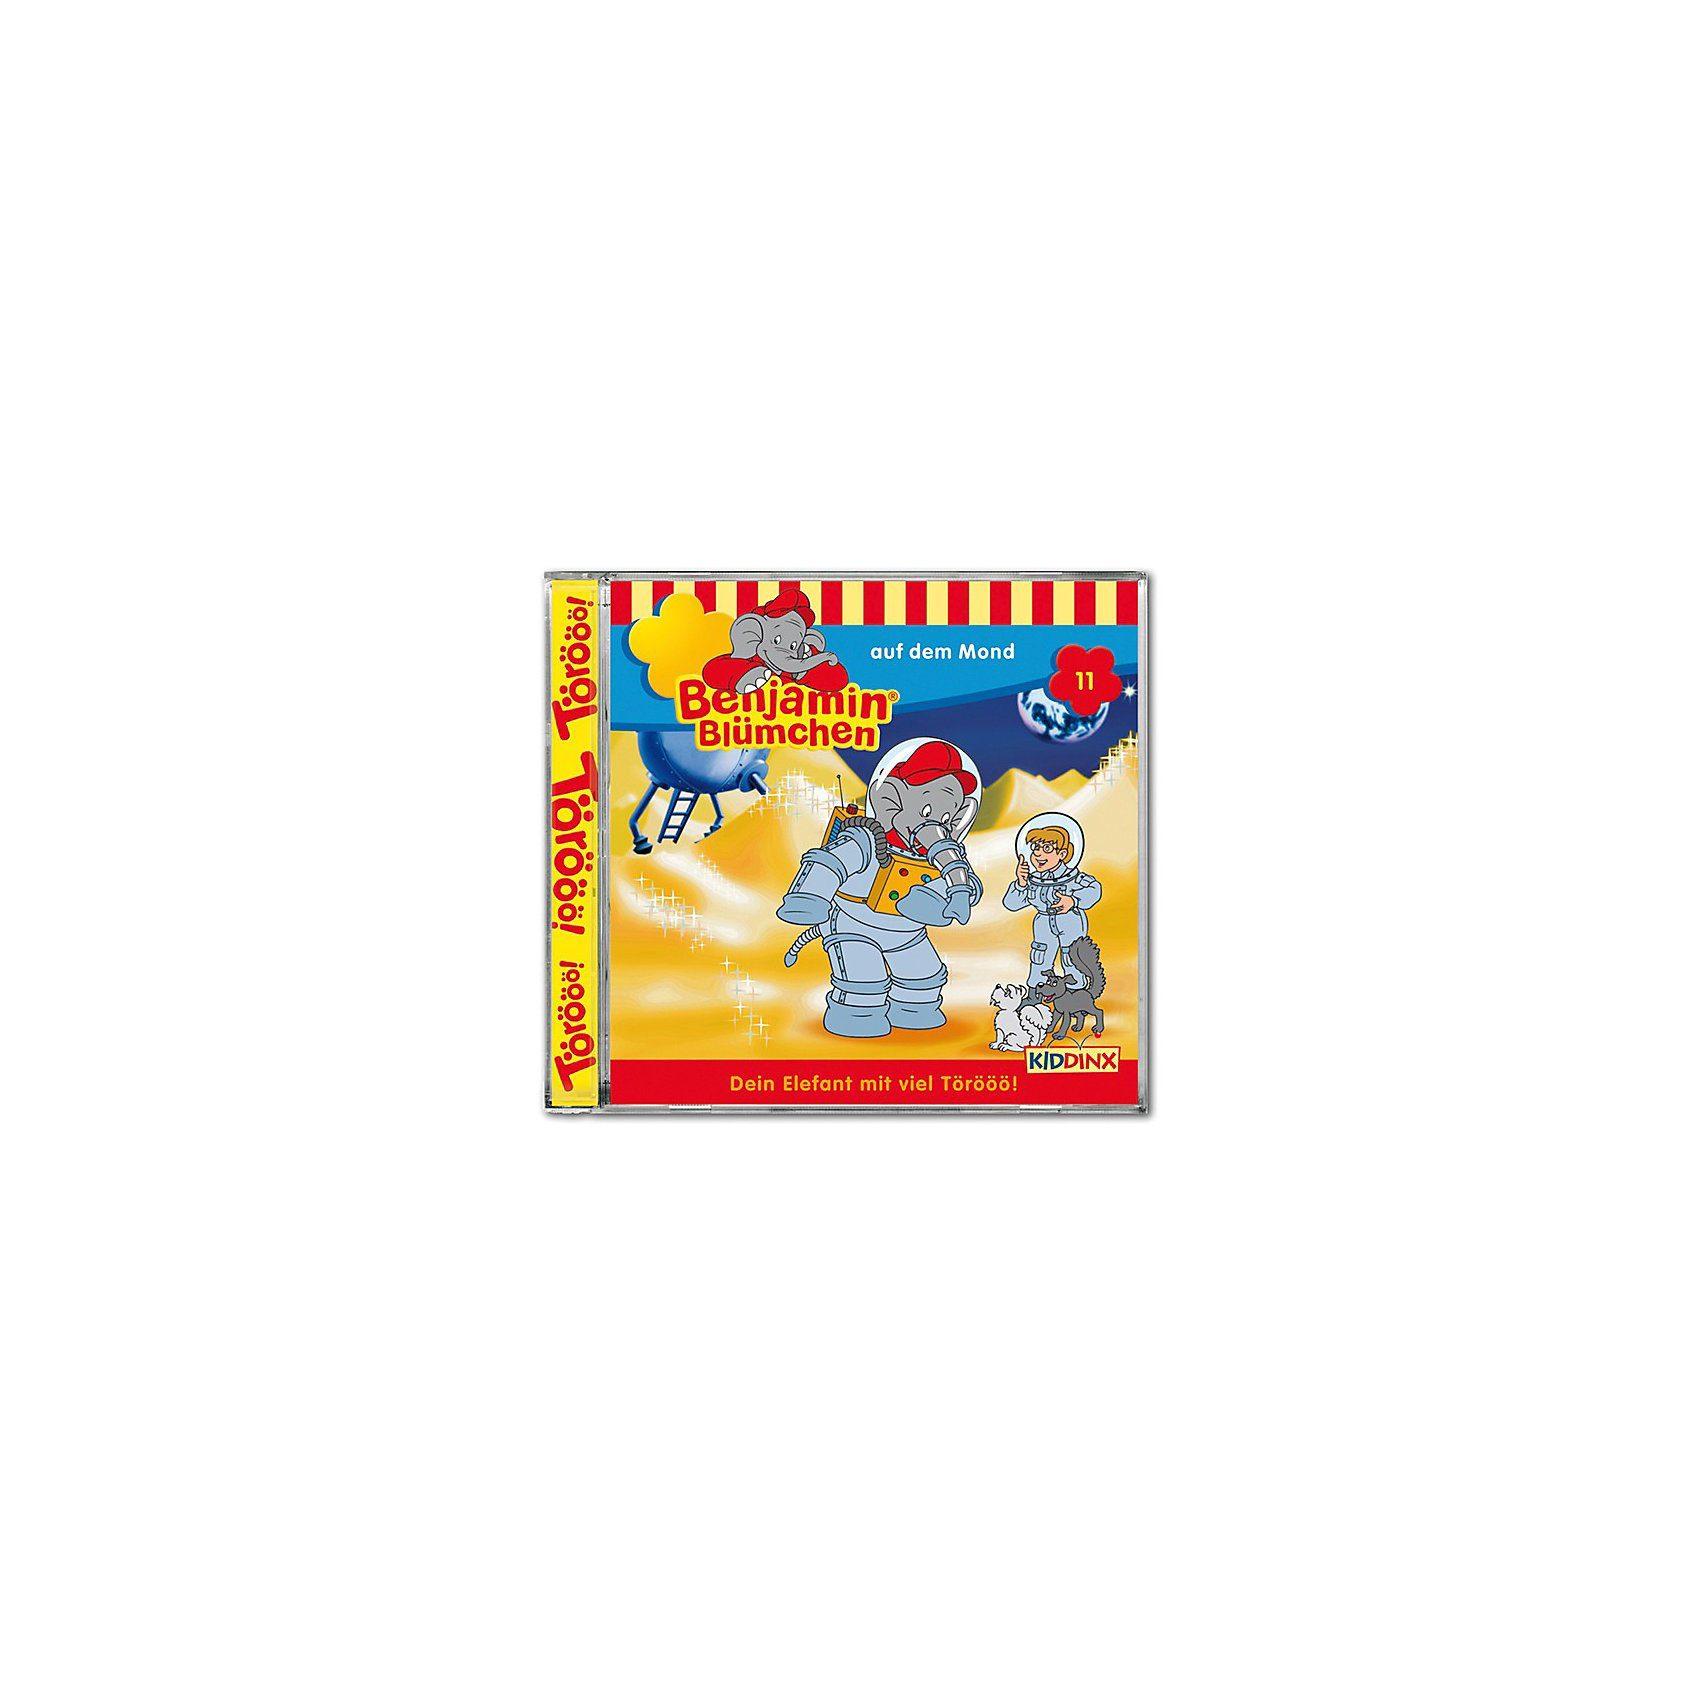 Kiddinx CD Benjamin Blümchen 11 - auf dem Mond